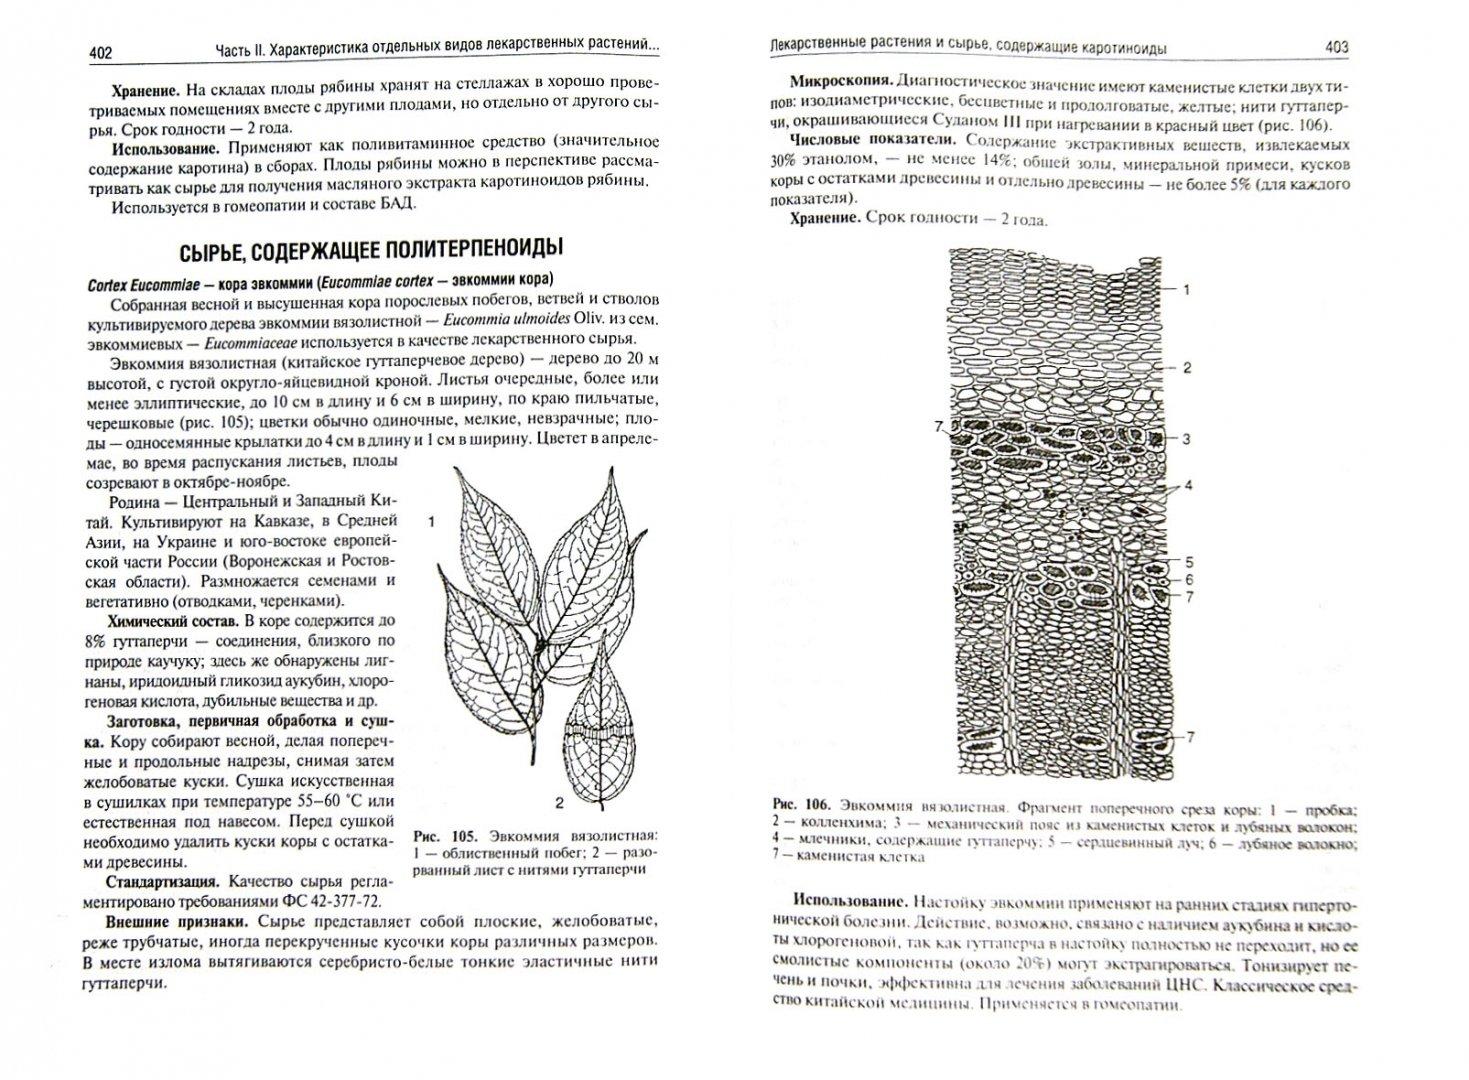 Иллюстрация 1 из 31 для Фармакогнозия. Учебник - Самылина, Яковлев | Лабиринт - книги. Источник: Лабиринт